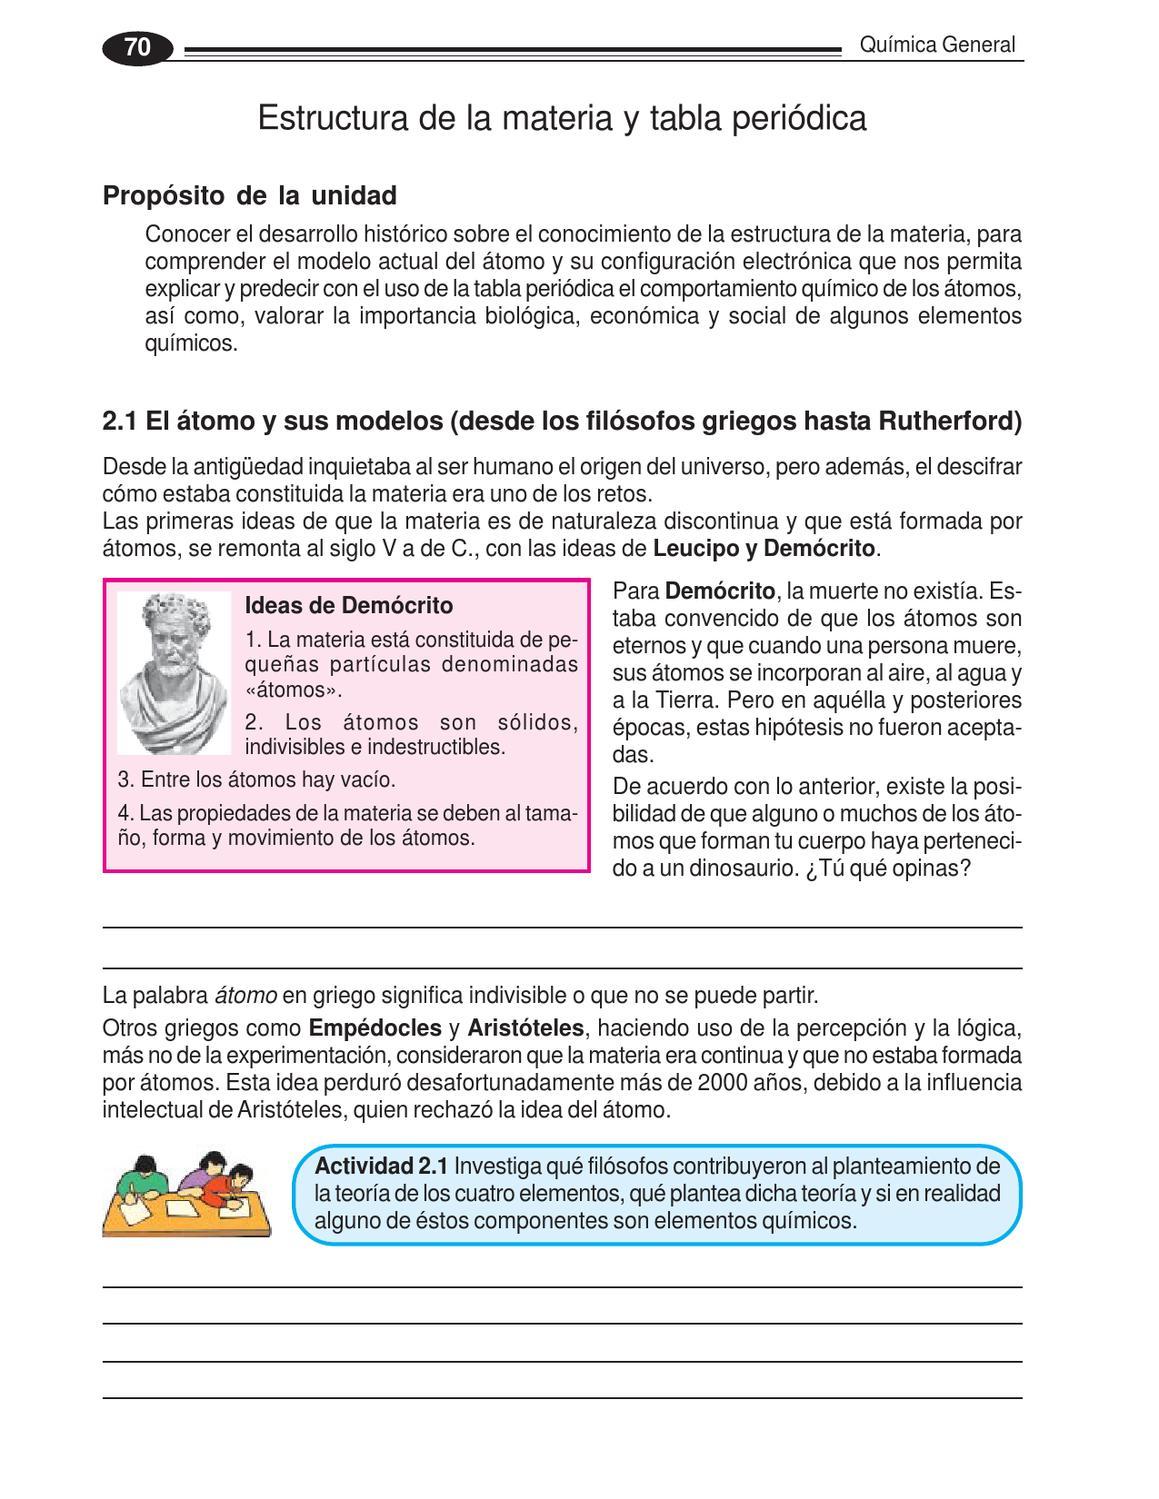 tabla periodica de los elementos quimicos importancia gallery libro de quimica by edson orozco bedugo issuu - Tabla Periodica De Los Elementos Quimicos En Griego